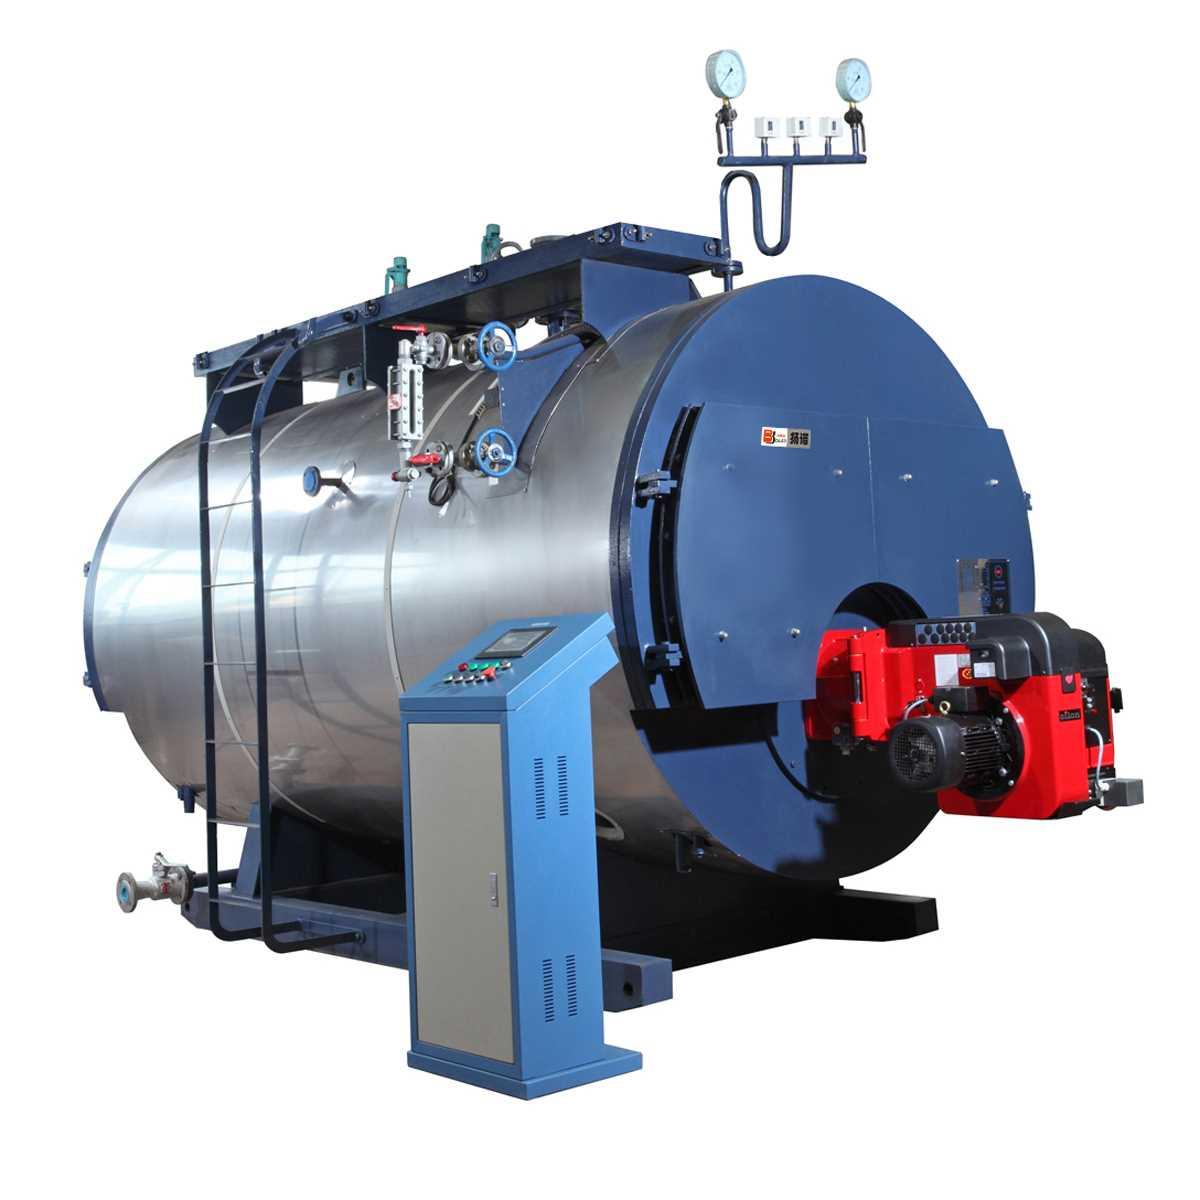 tecor-boiler-pvt-ltd